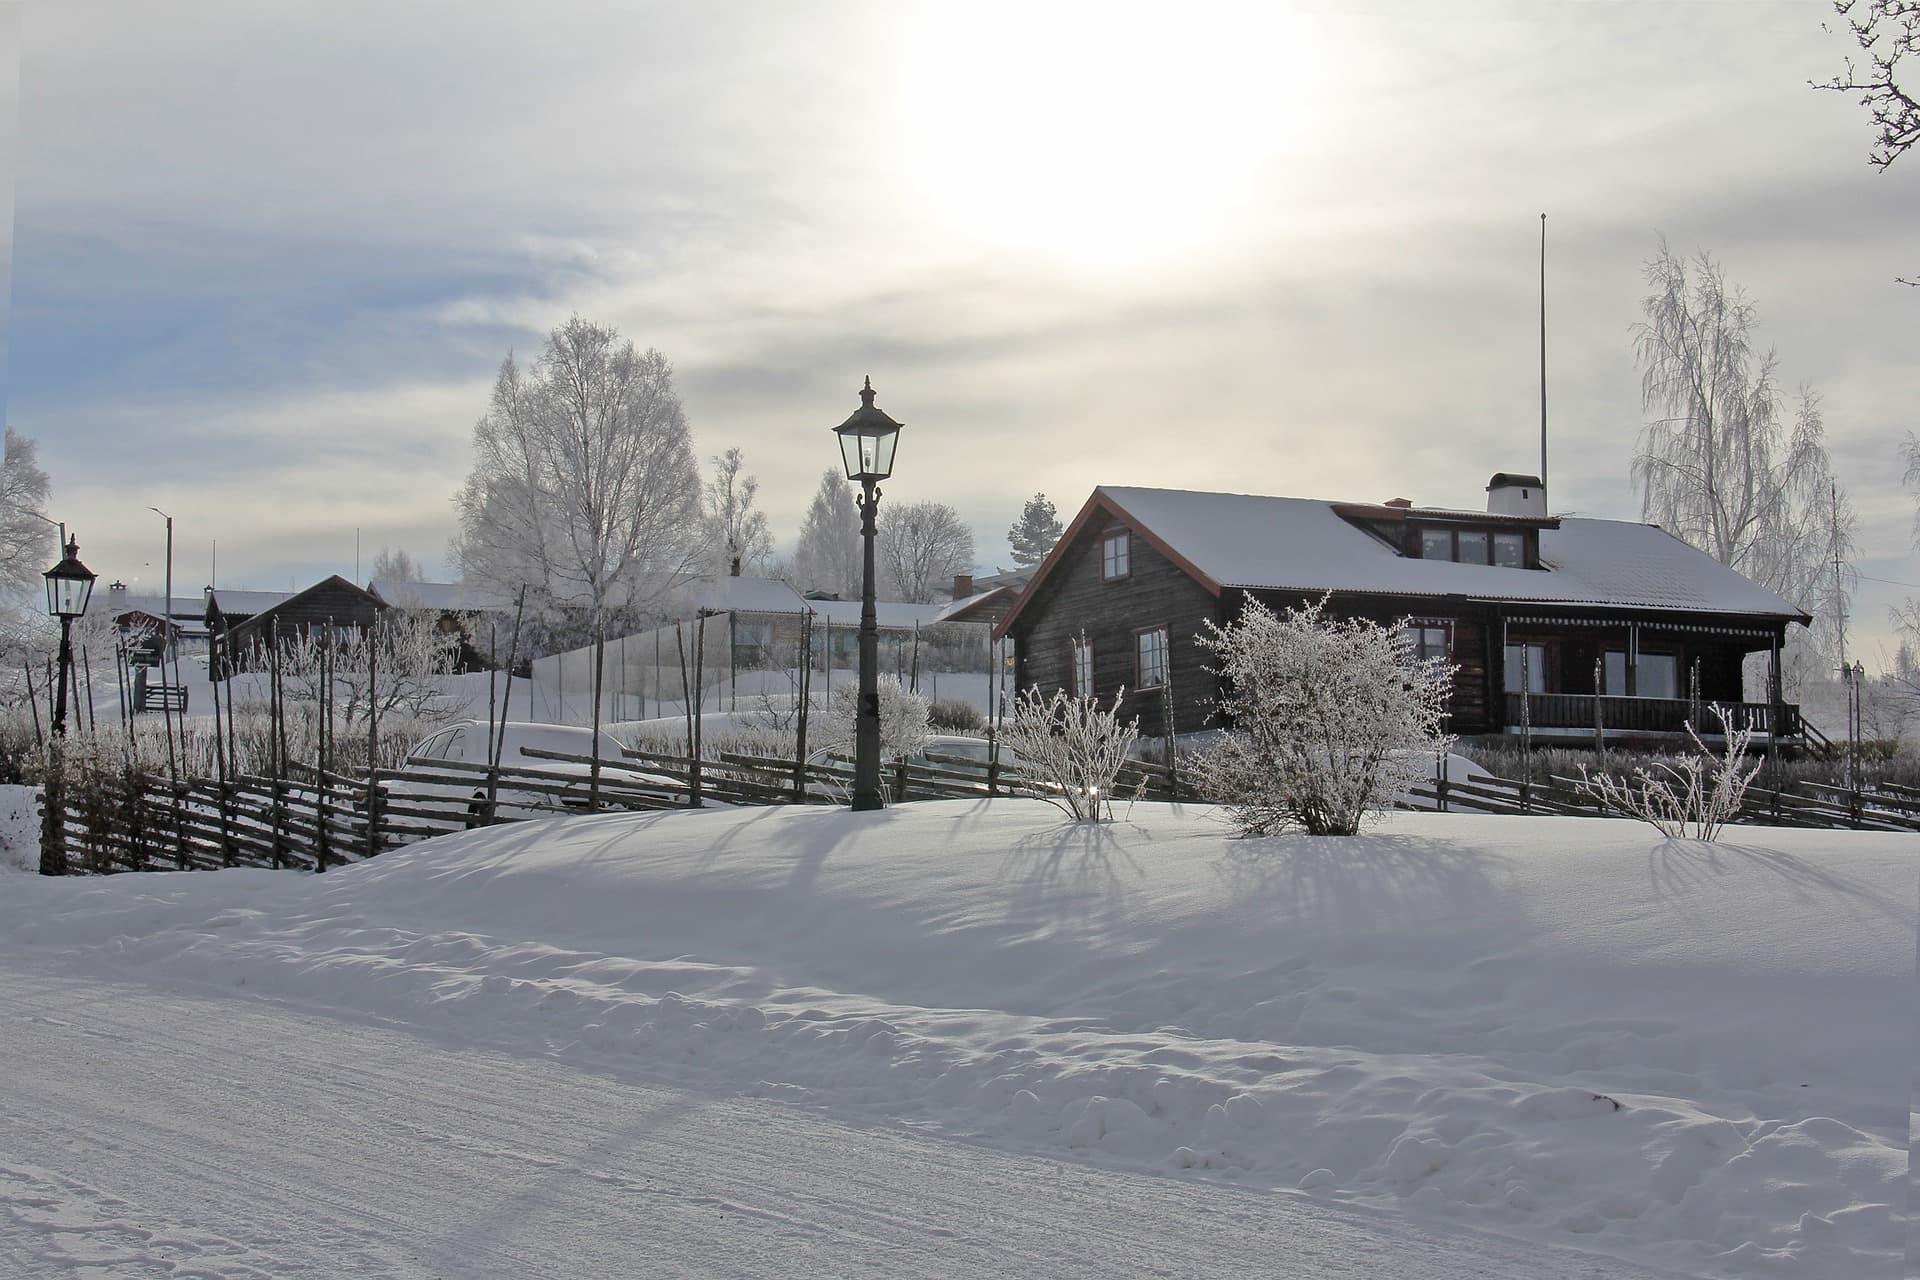 Dränering Dalarna, Dränera hus Dalarna, Husdränering Dalarna, Markarbeten Dalarna  bild